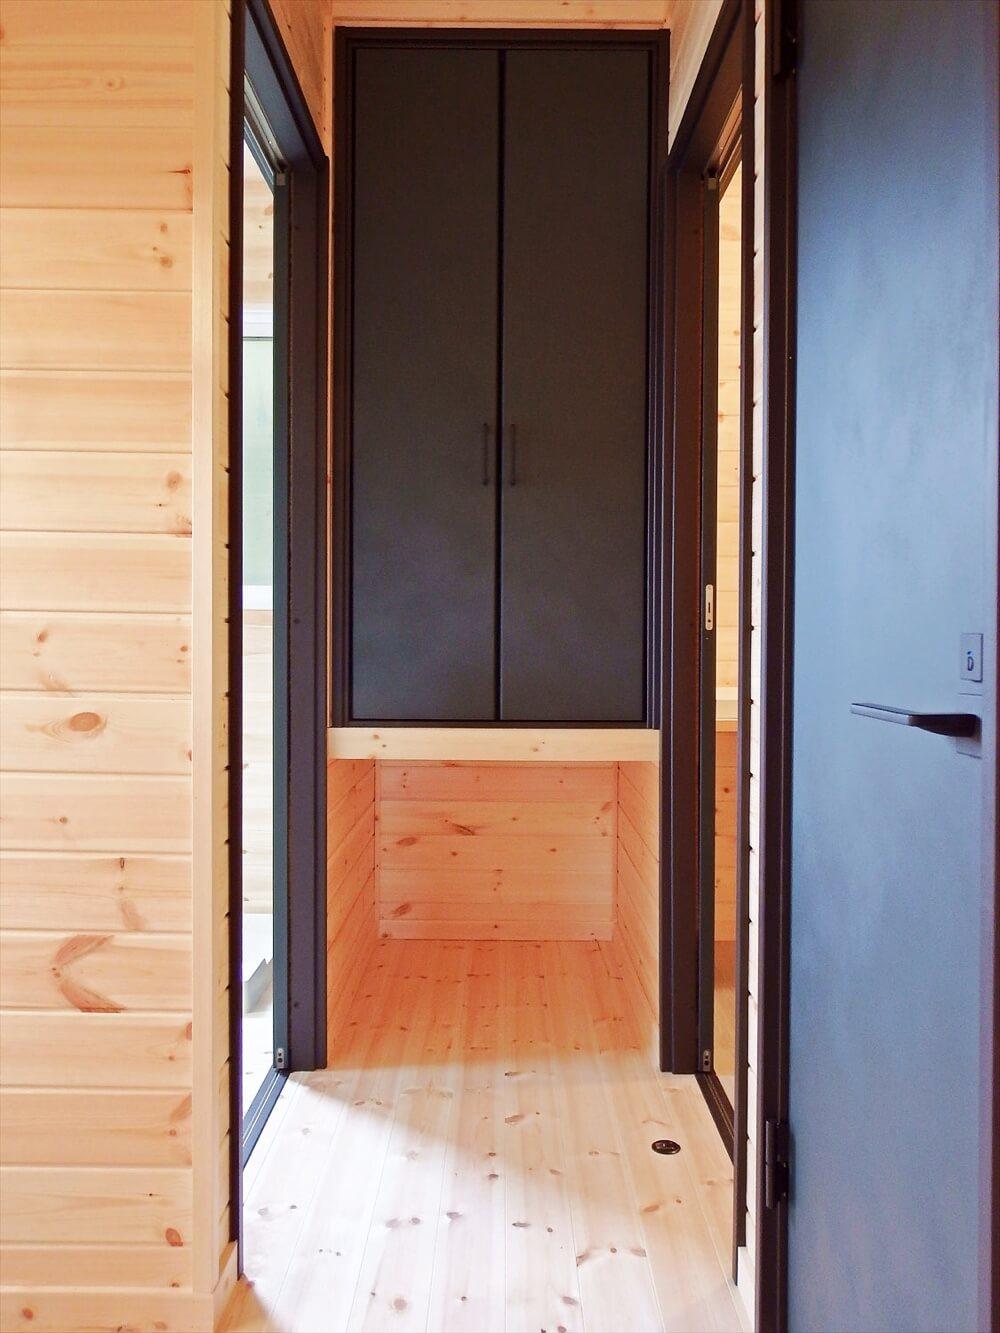 サーファーズハウス平屋の収納と猫スペース|長生村の注文住宅,ログハウスのような木の家を低価格で建てるならエイ・ワン